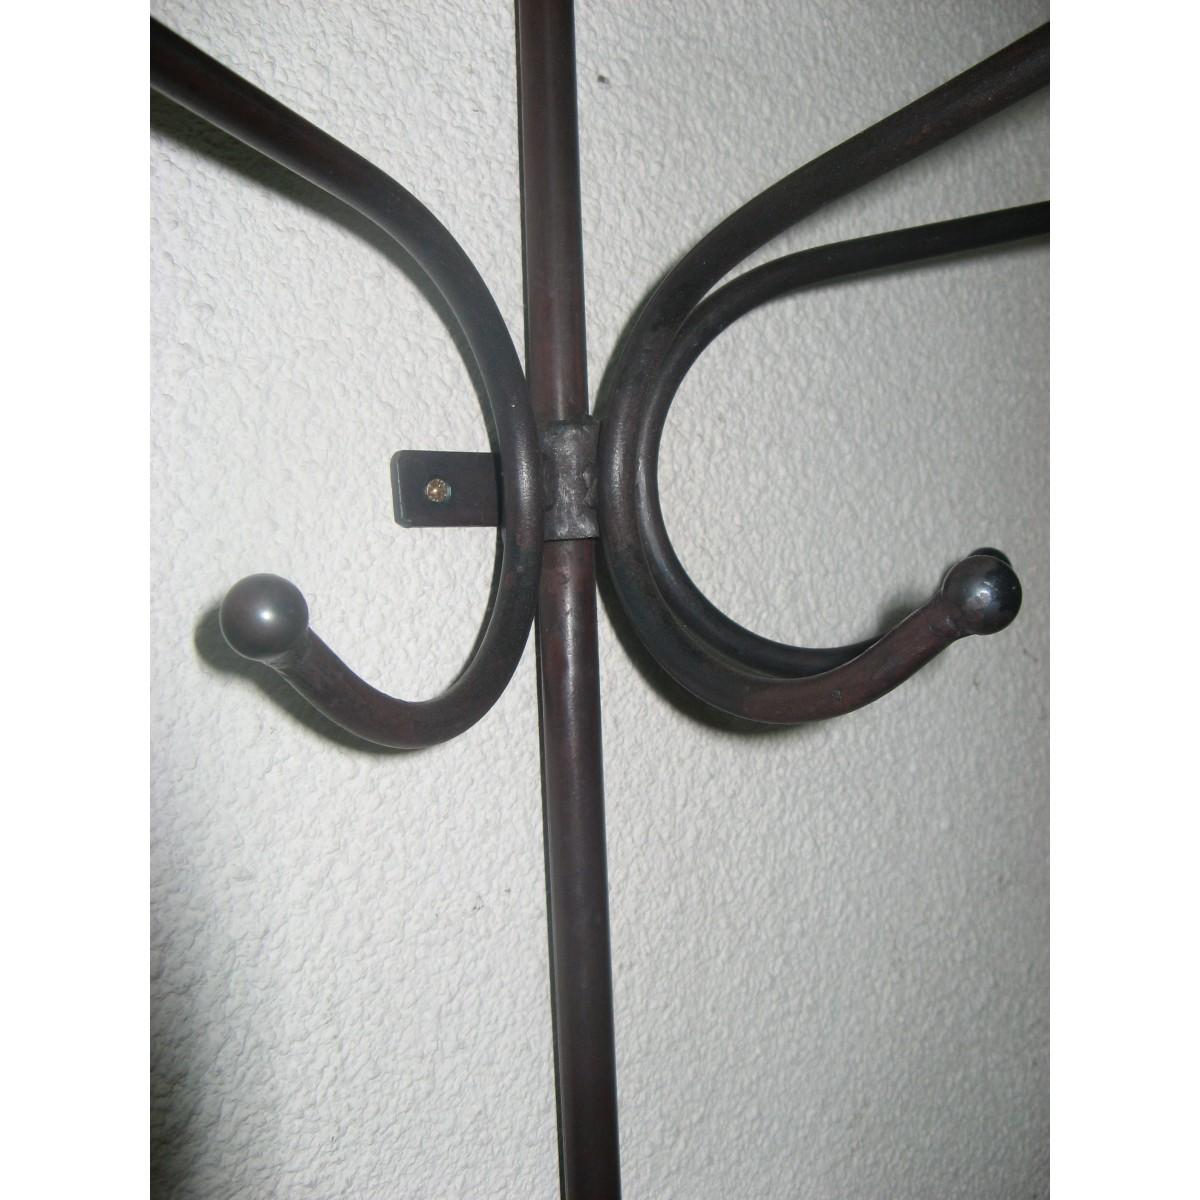 porte manteaux m tal murale coloris marron style industriel. Black Bedroom Furniture Sets. Home Design Ideas